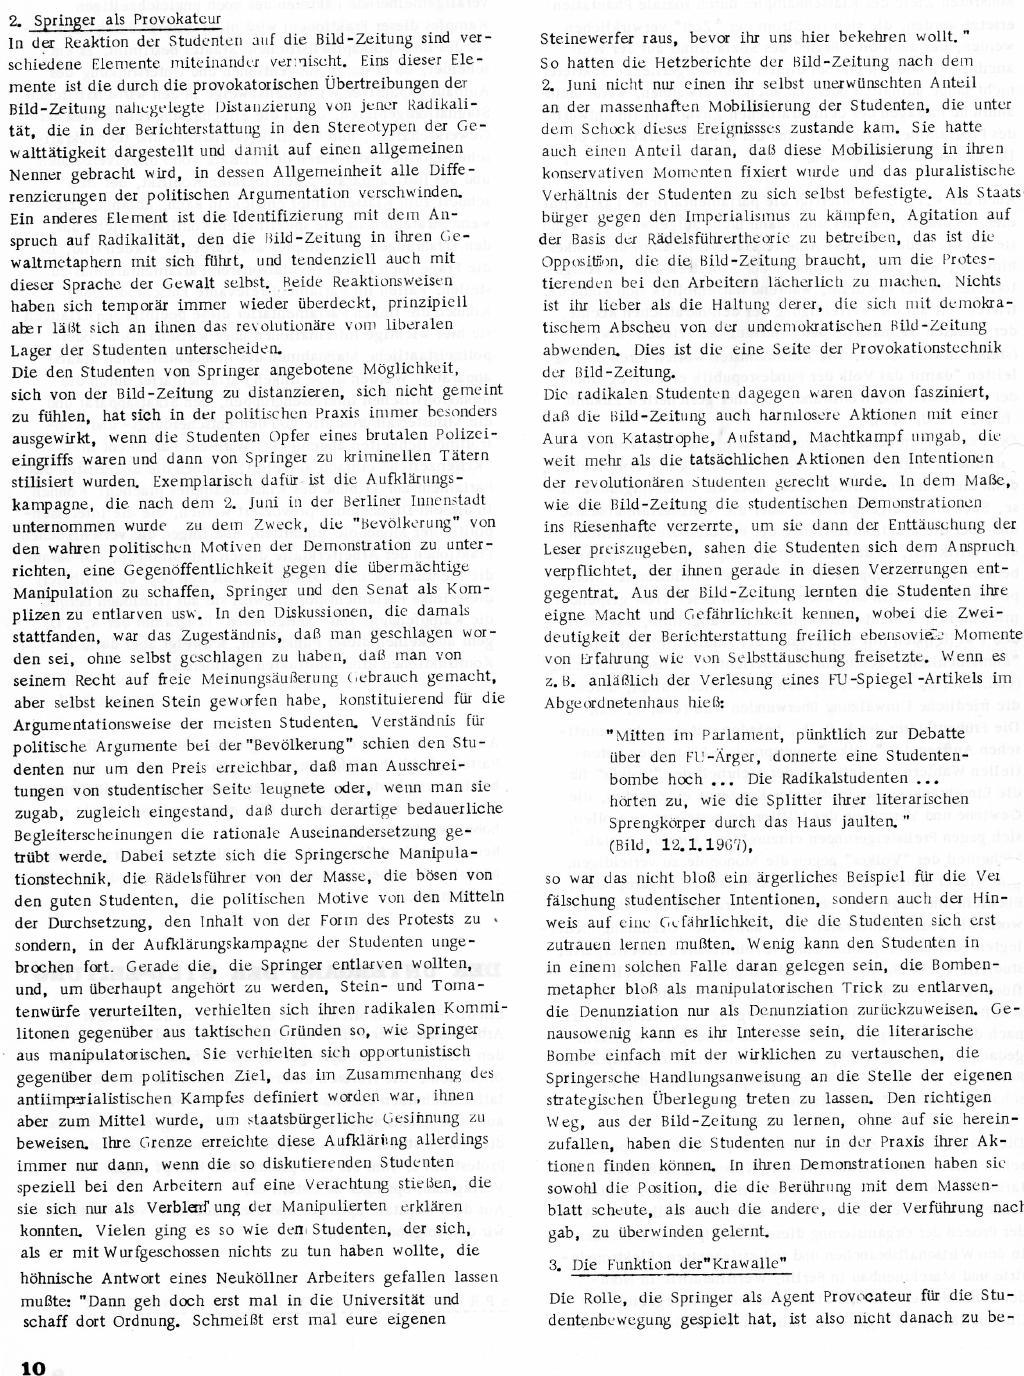 RPK_1969_013_10